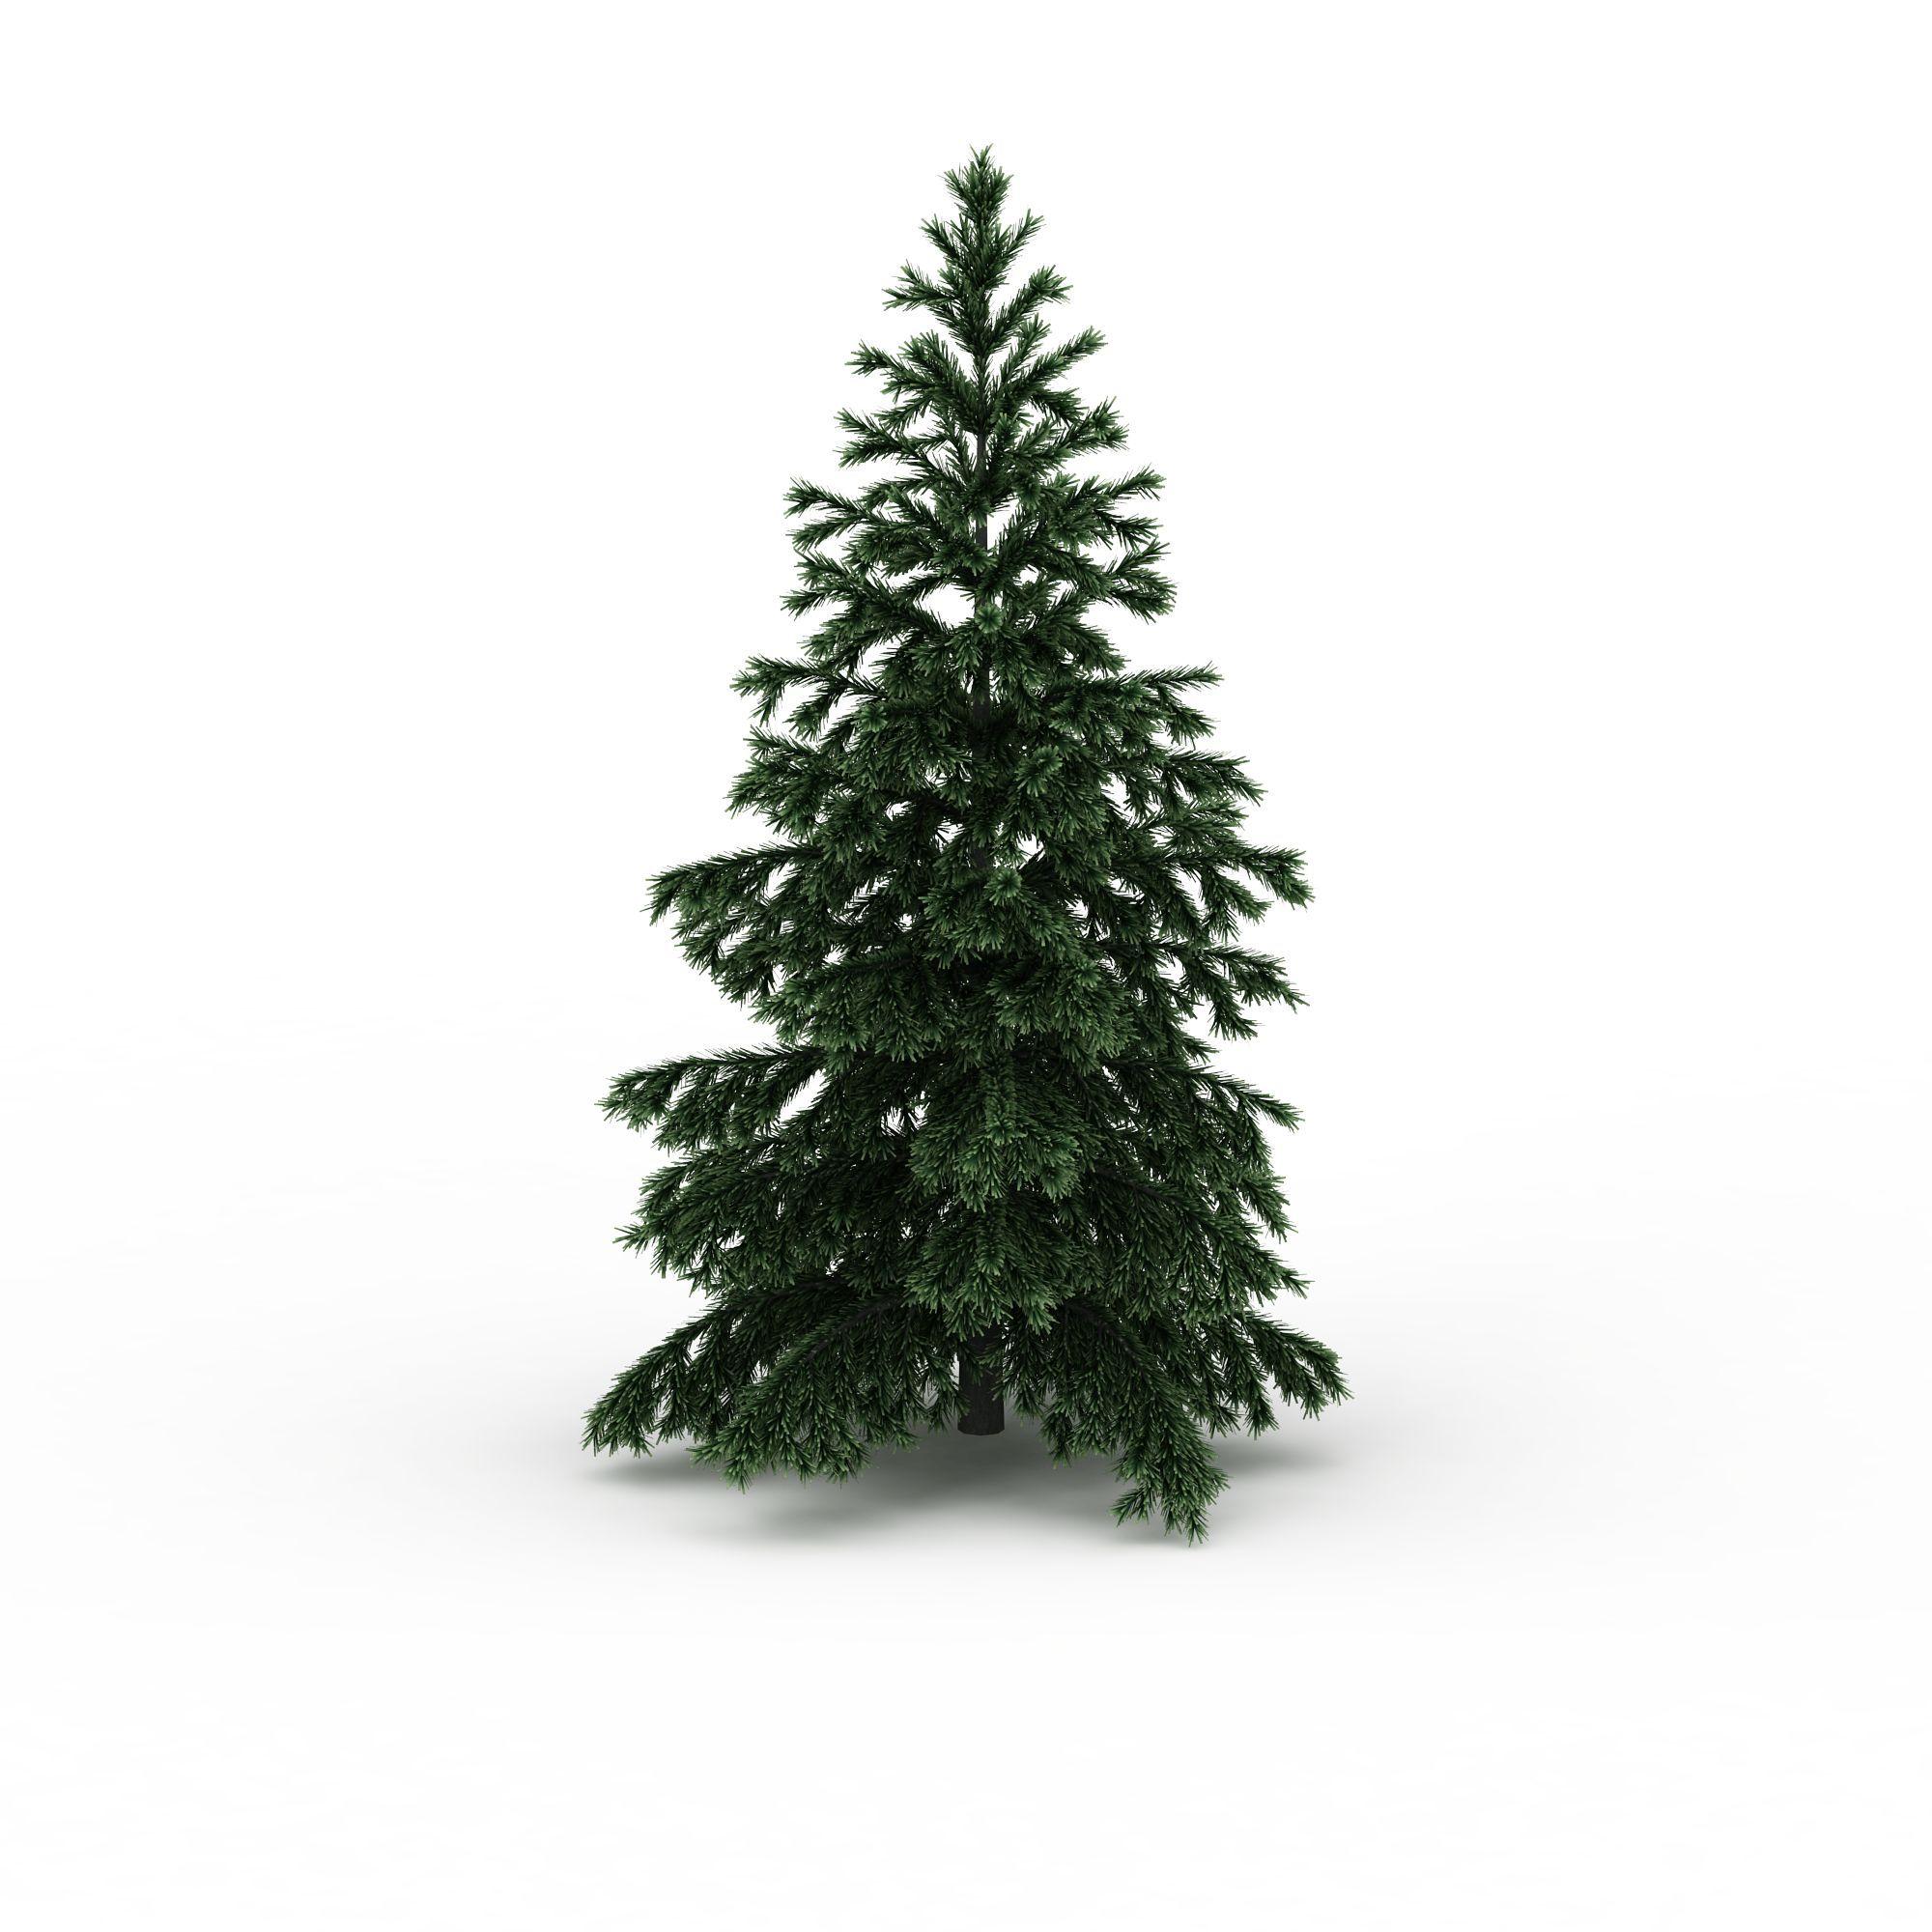 室外松树图片_室外松树png图片素材_室外松树png高清